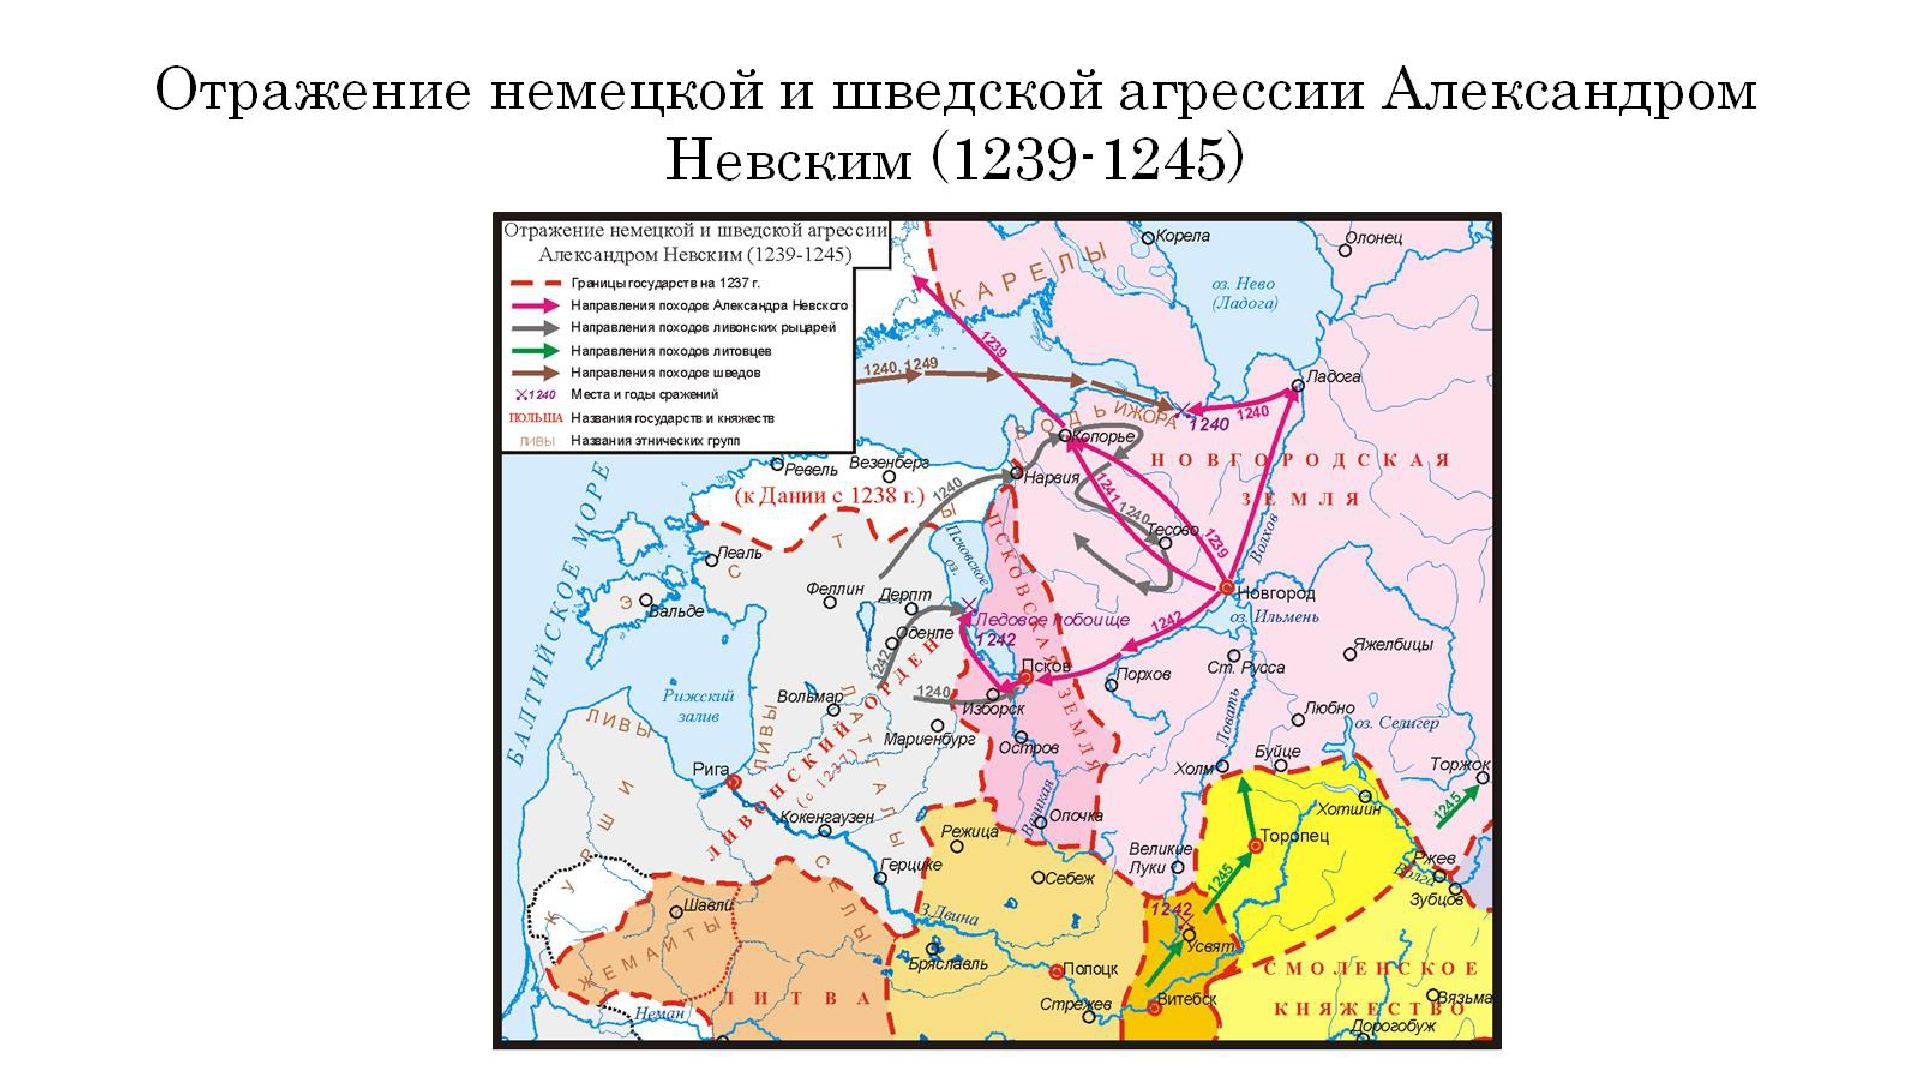 Отражение немецкой и шведской агрессии Александром Невским (1239-1245)